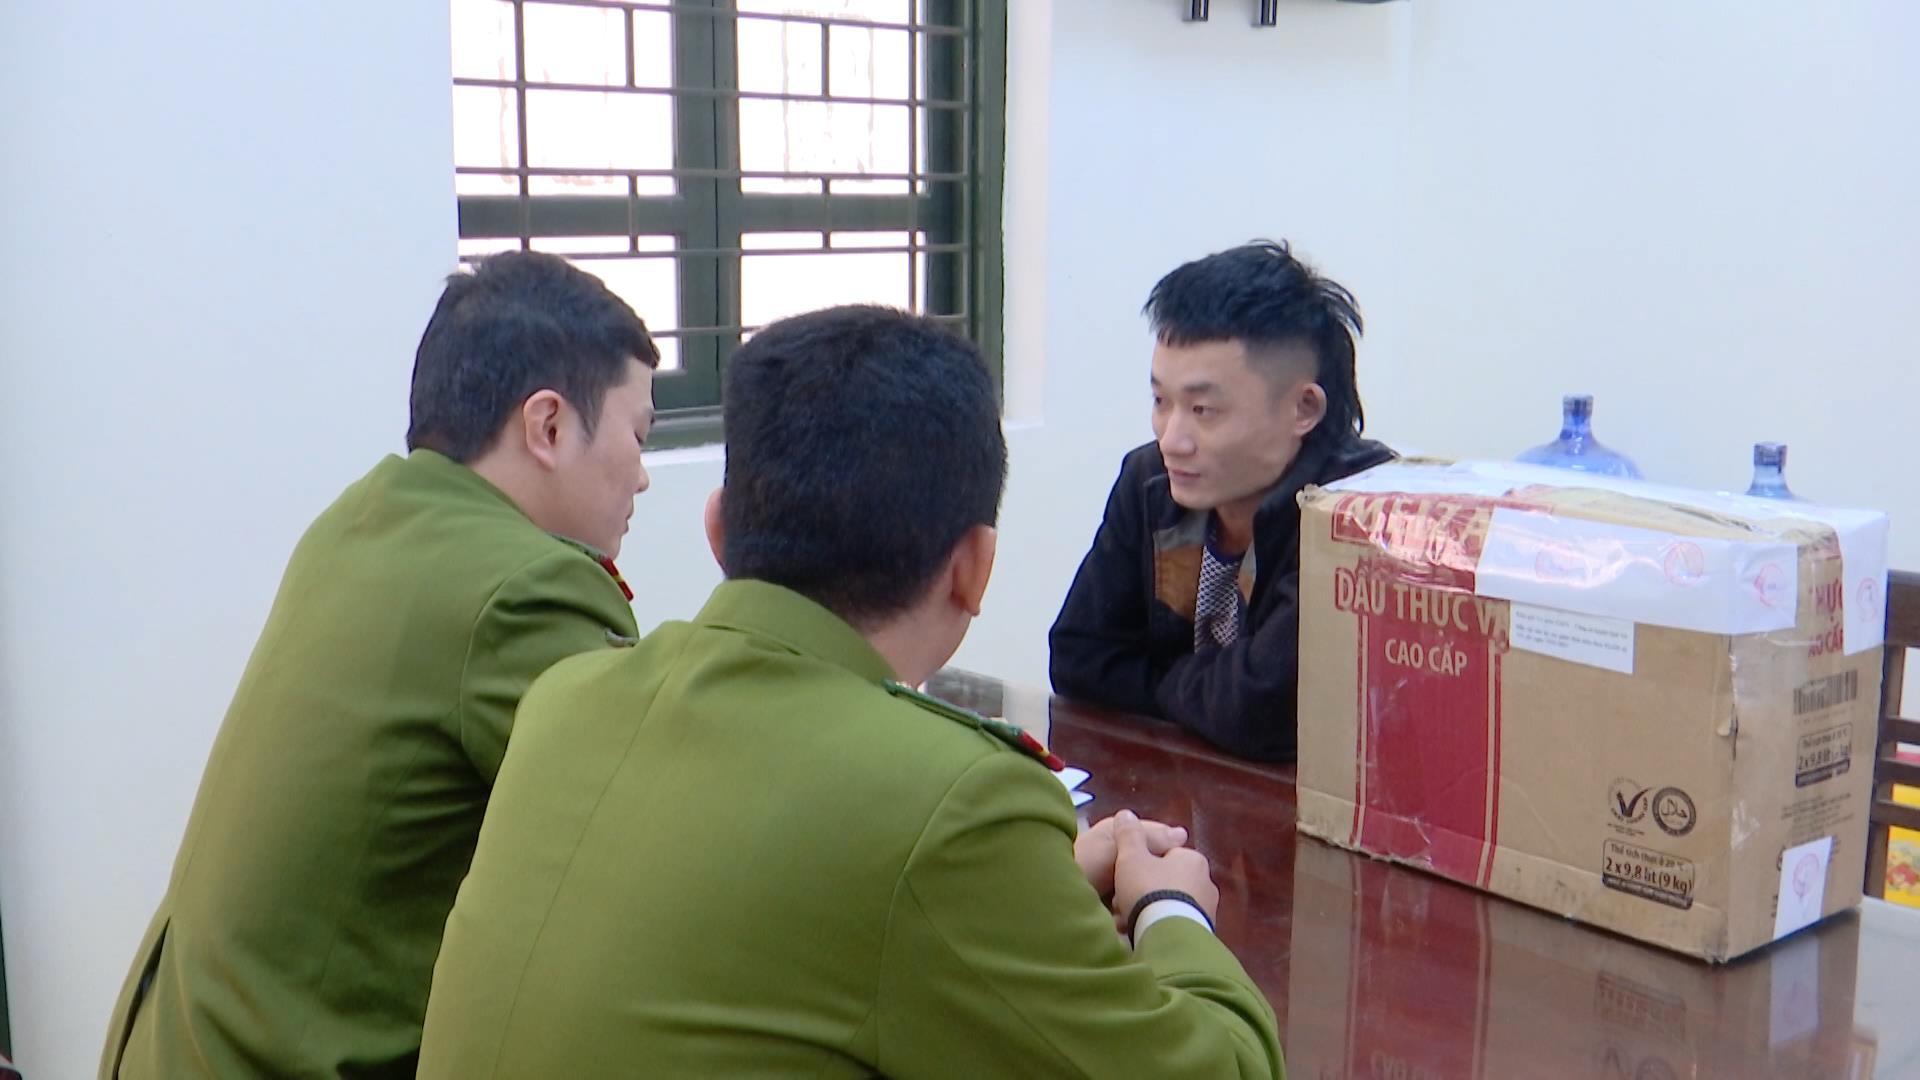 Quế Võ bắt quả tang đối tượng buôn bán pháo hoa nổ